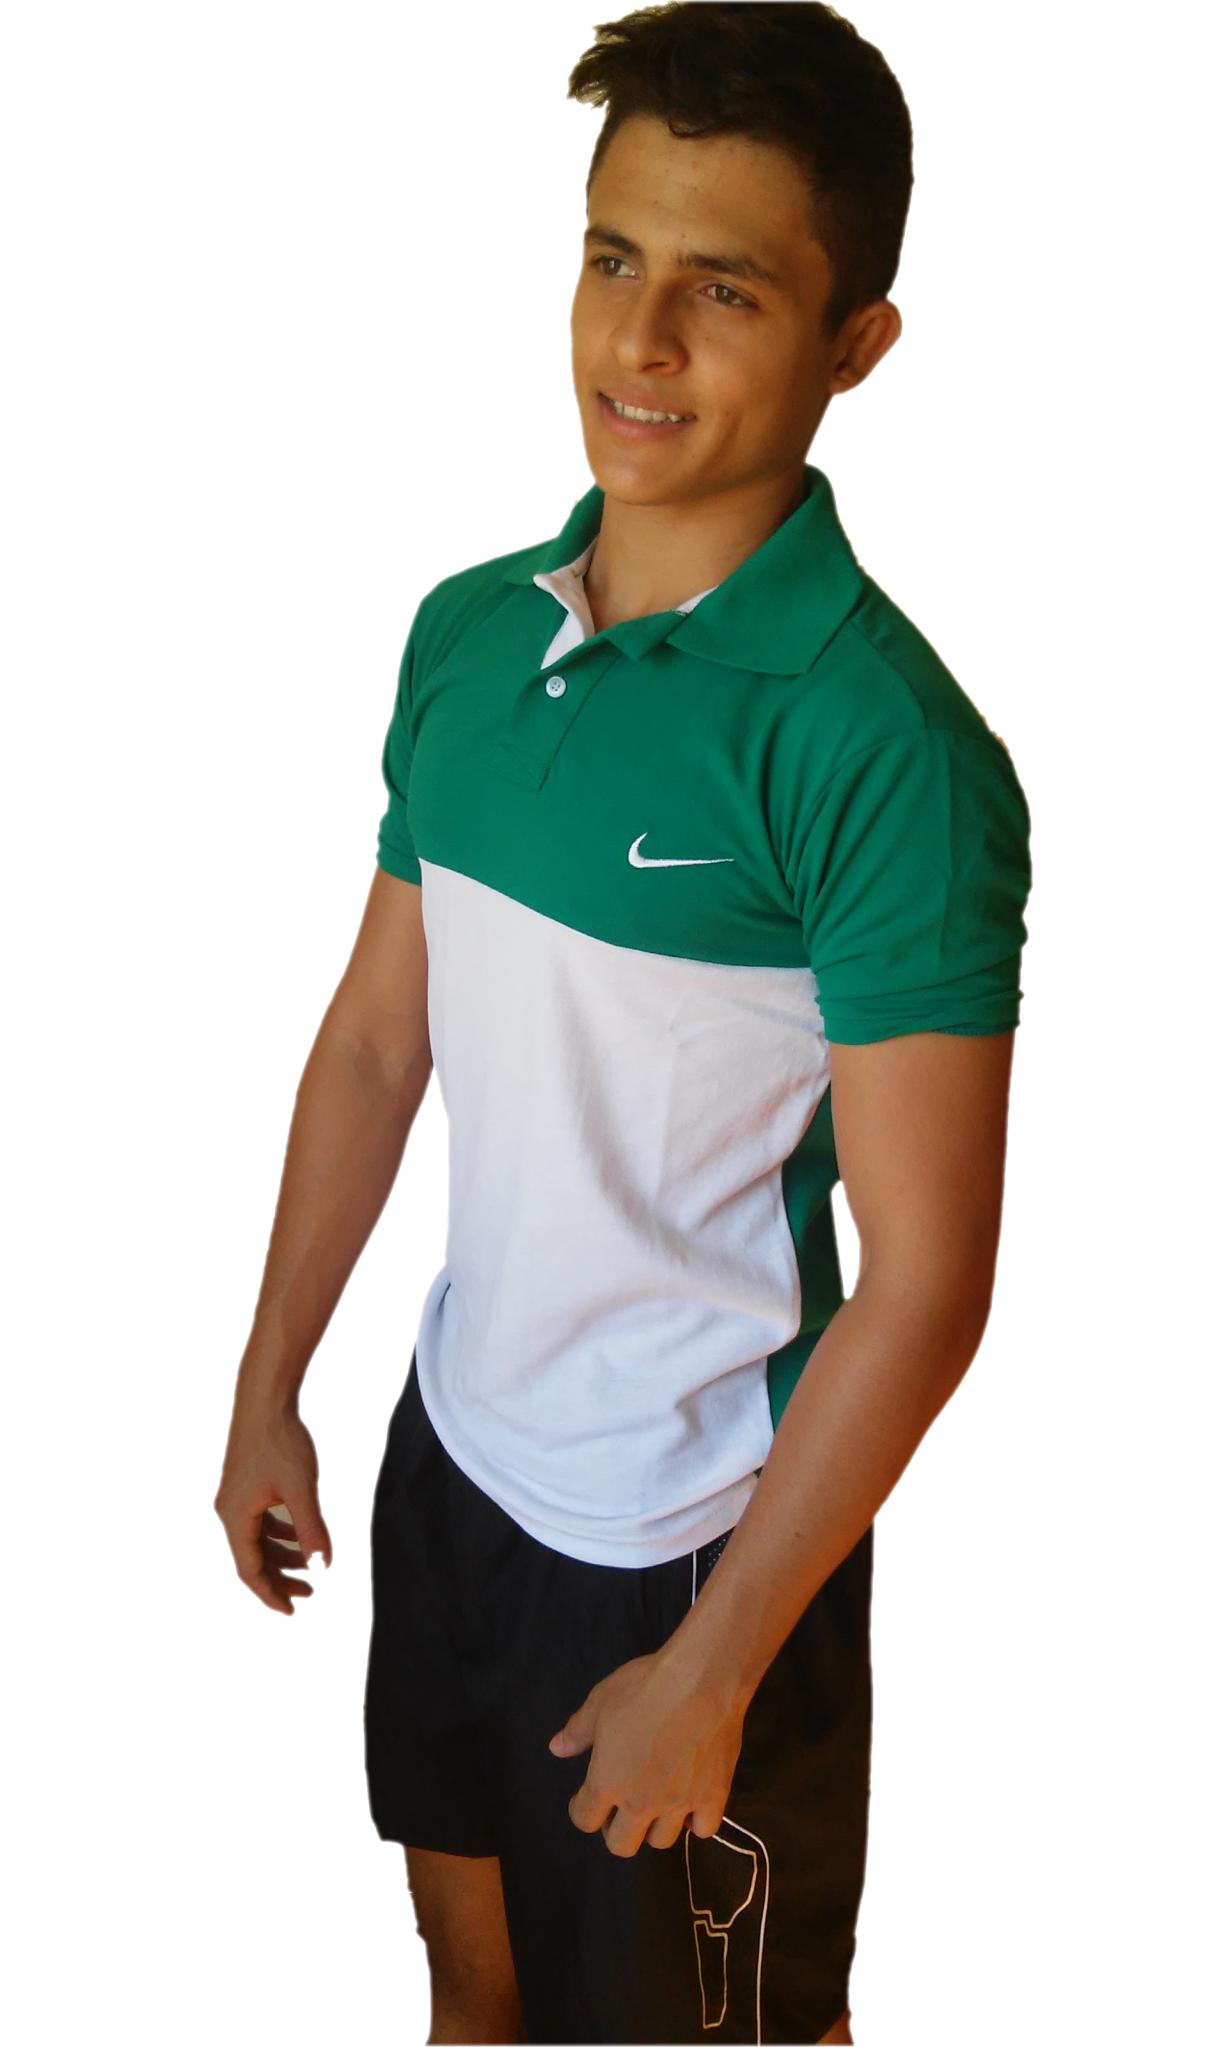 A Camisa Polo Nike Xtreme Fitness Sport Piquet Manga Curta 30% - Verde com  Branco a3221f0163